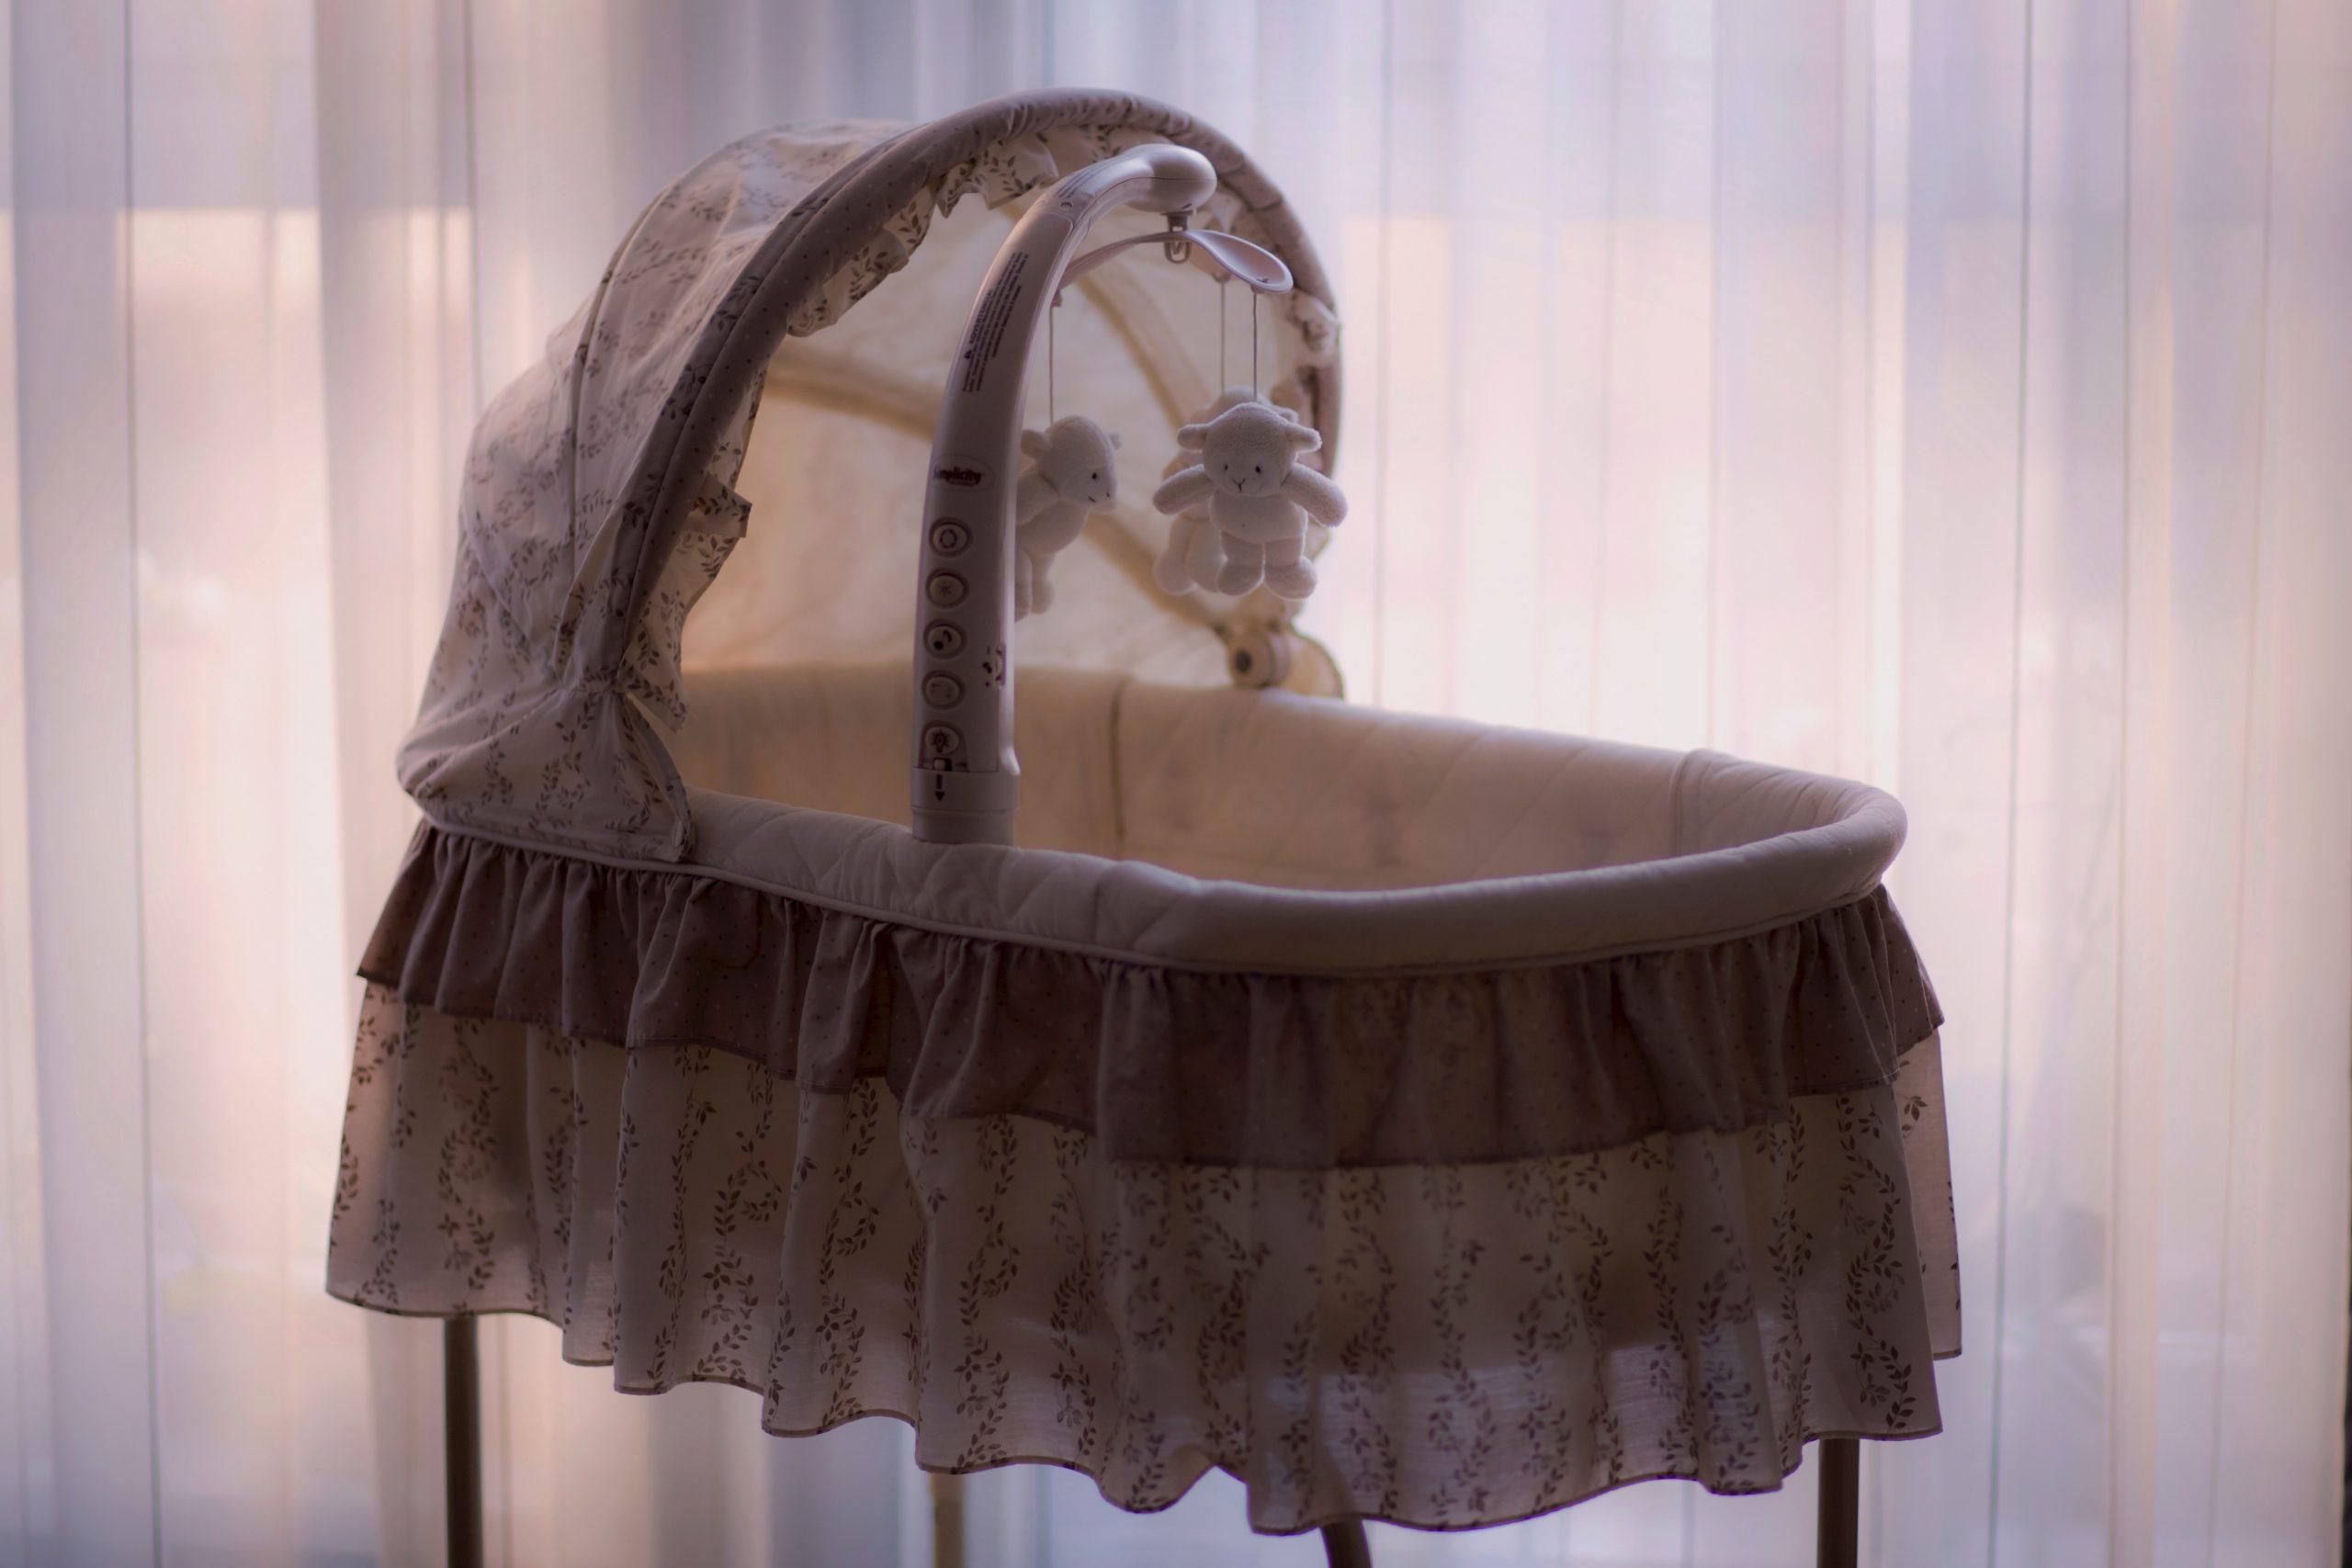 freestocks sVwzvlpeEAU unsplash scaled - Indretning af børneværelset